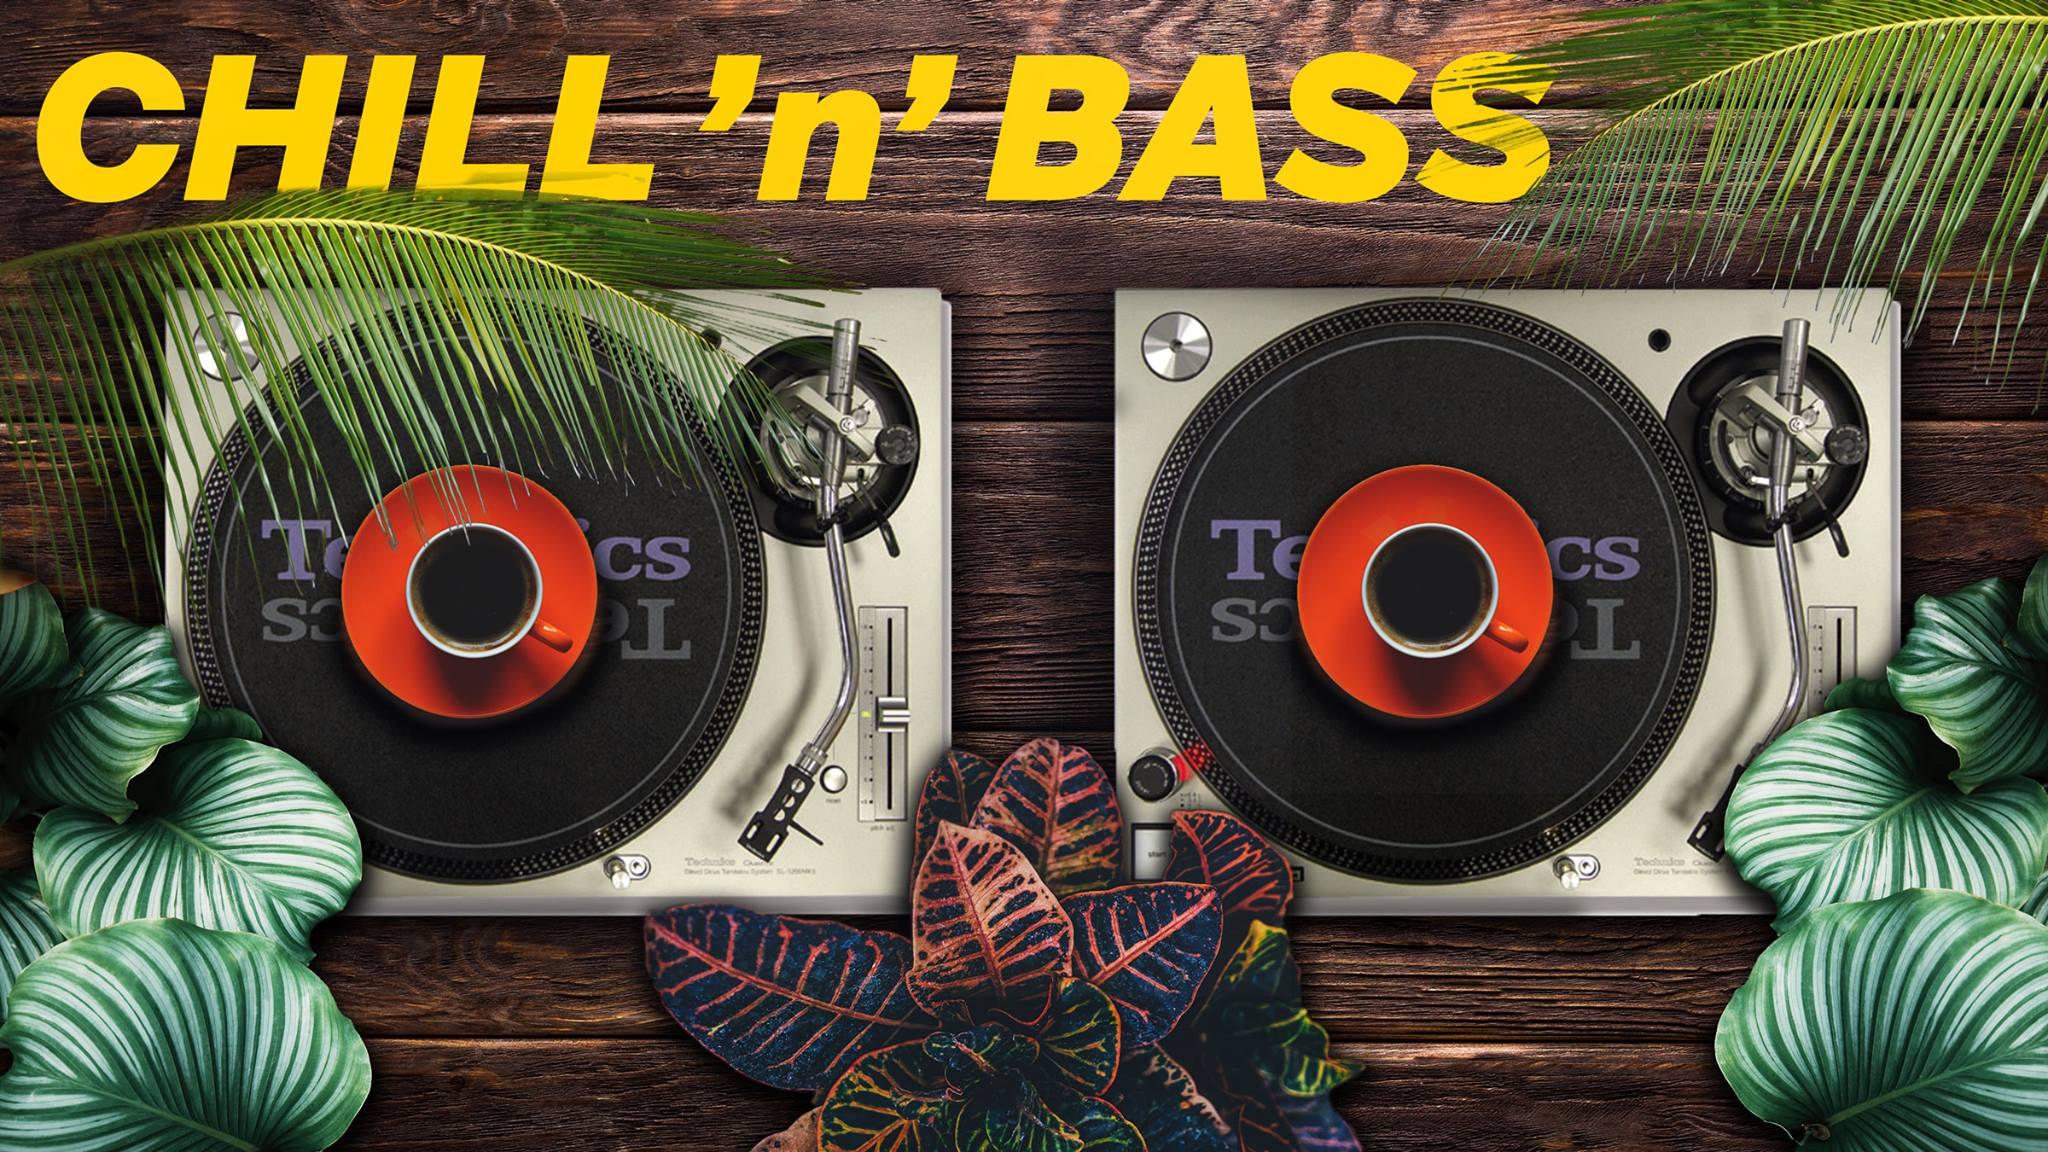 Chill 'n' Bass 01 mit X-Plorer und Soundsoldier